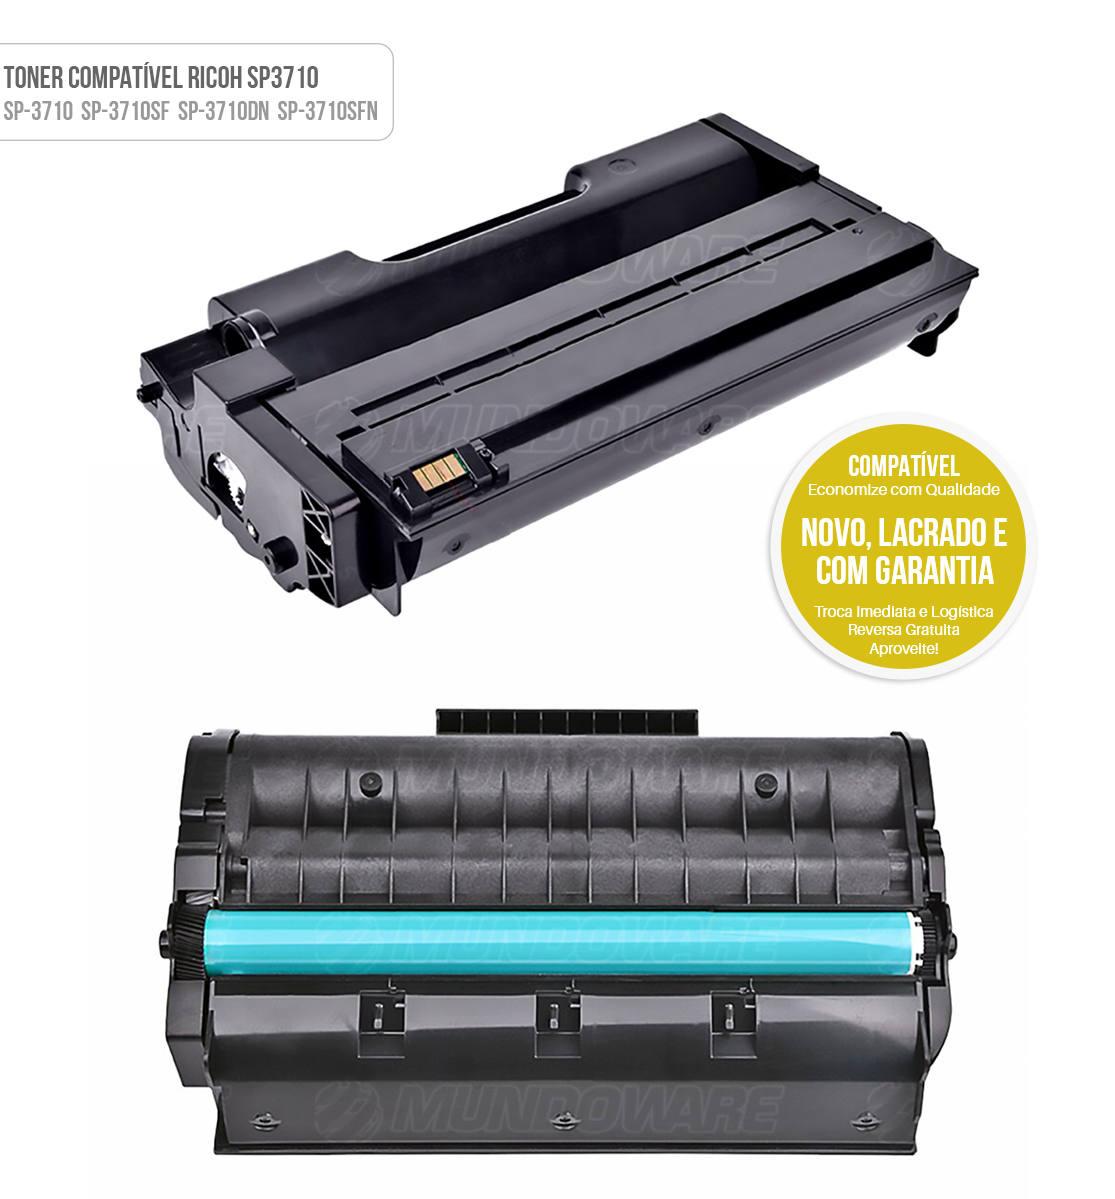 Toner Compatível SP3710 para Impressora Ricoh SP-3710DN SP-3710SFN SP-3710DN SP-3710SFN SP3710DN SP3710SFN SP3710DN SP3710SFN Tonner